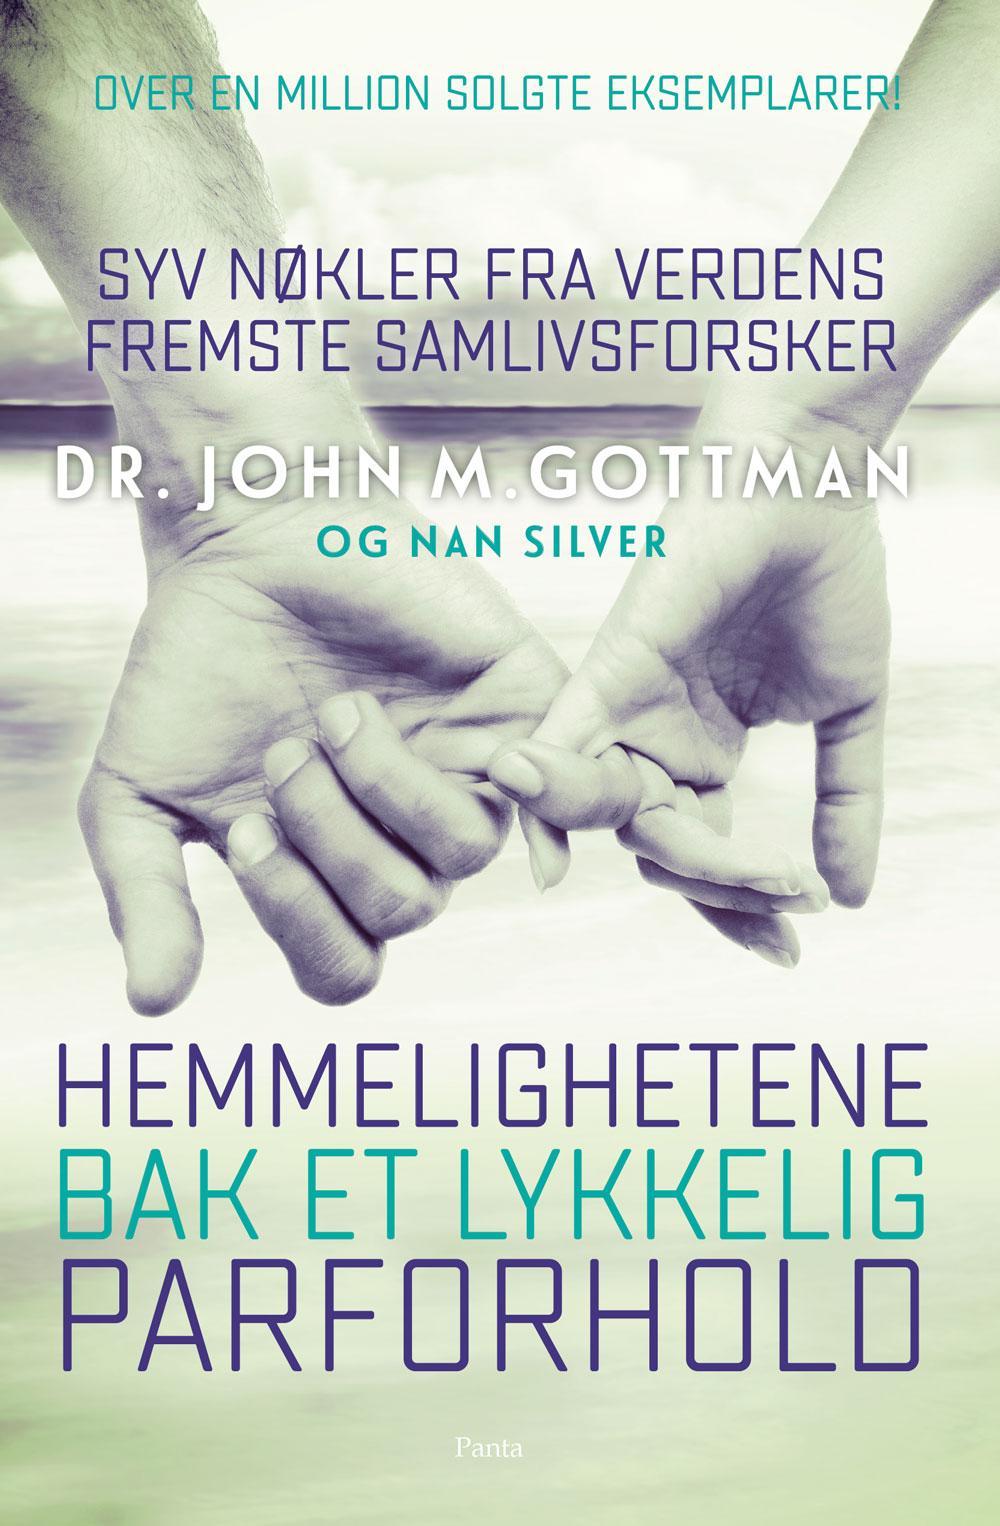 """""""Hemmelighetene bak et lykkelig parforhold - syv nøkler fra verdens fremste samlivsforsker"""" av Gottman. John"""